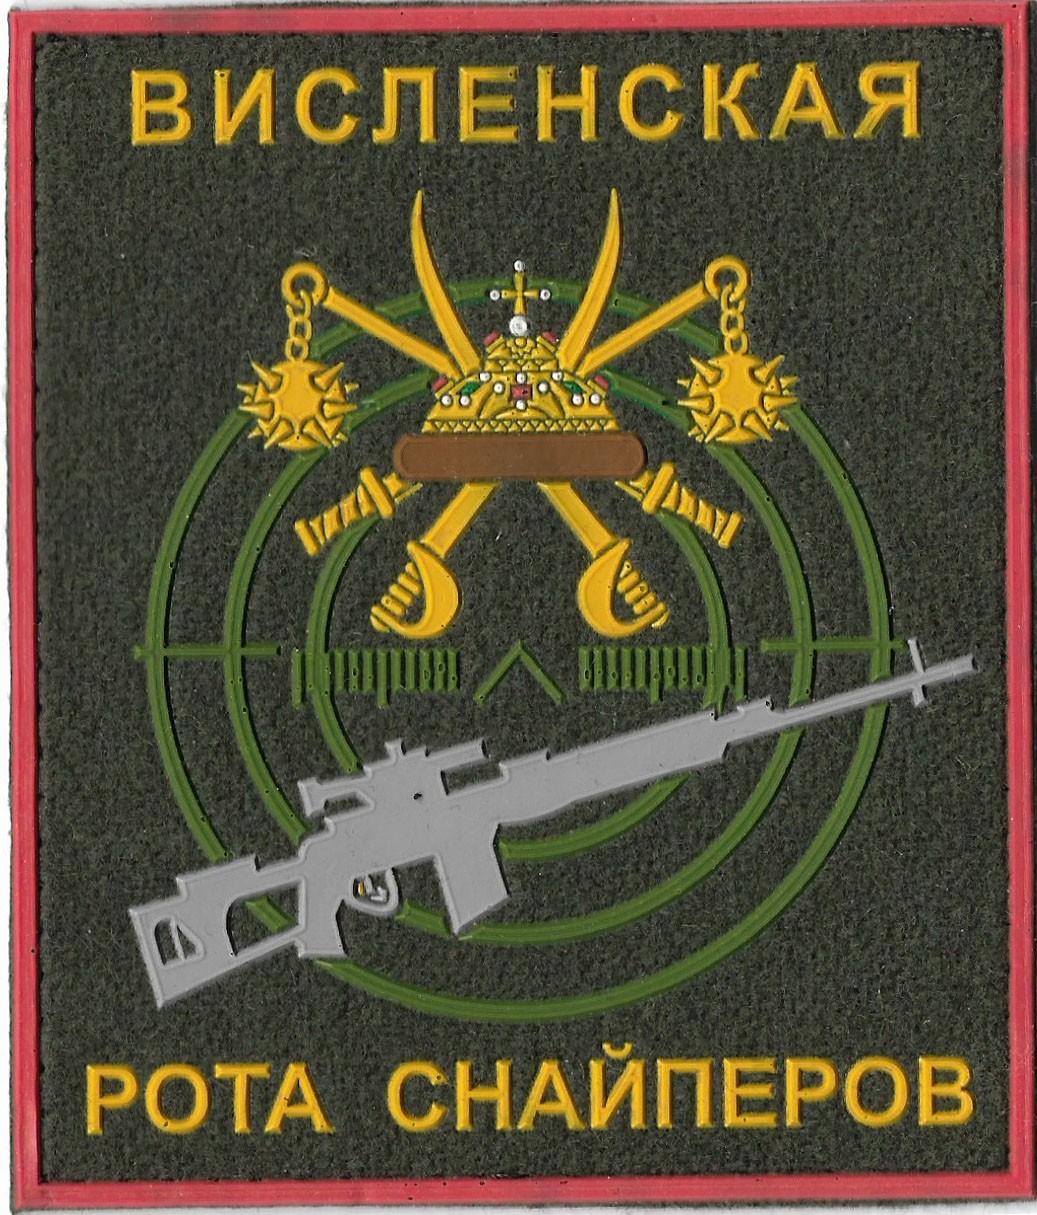 День мотострелковых войск в россии поздравления 533